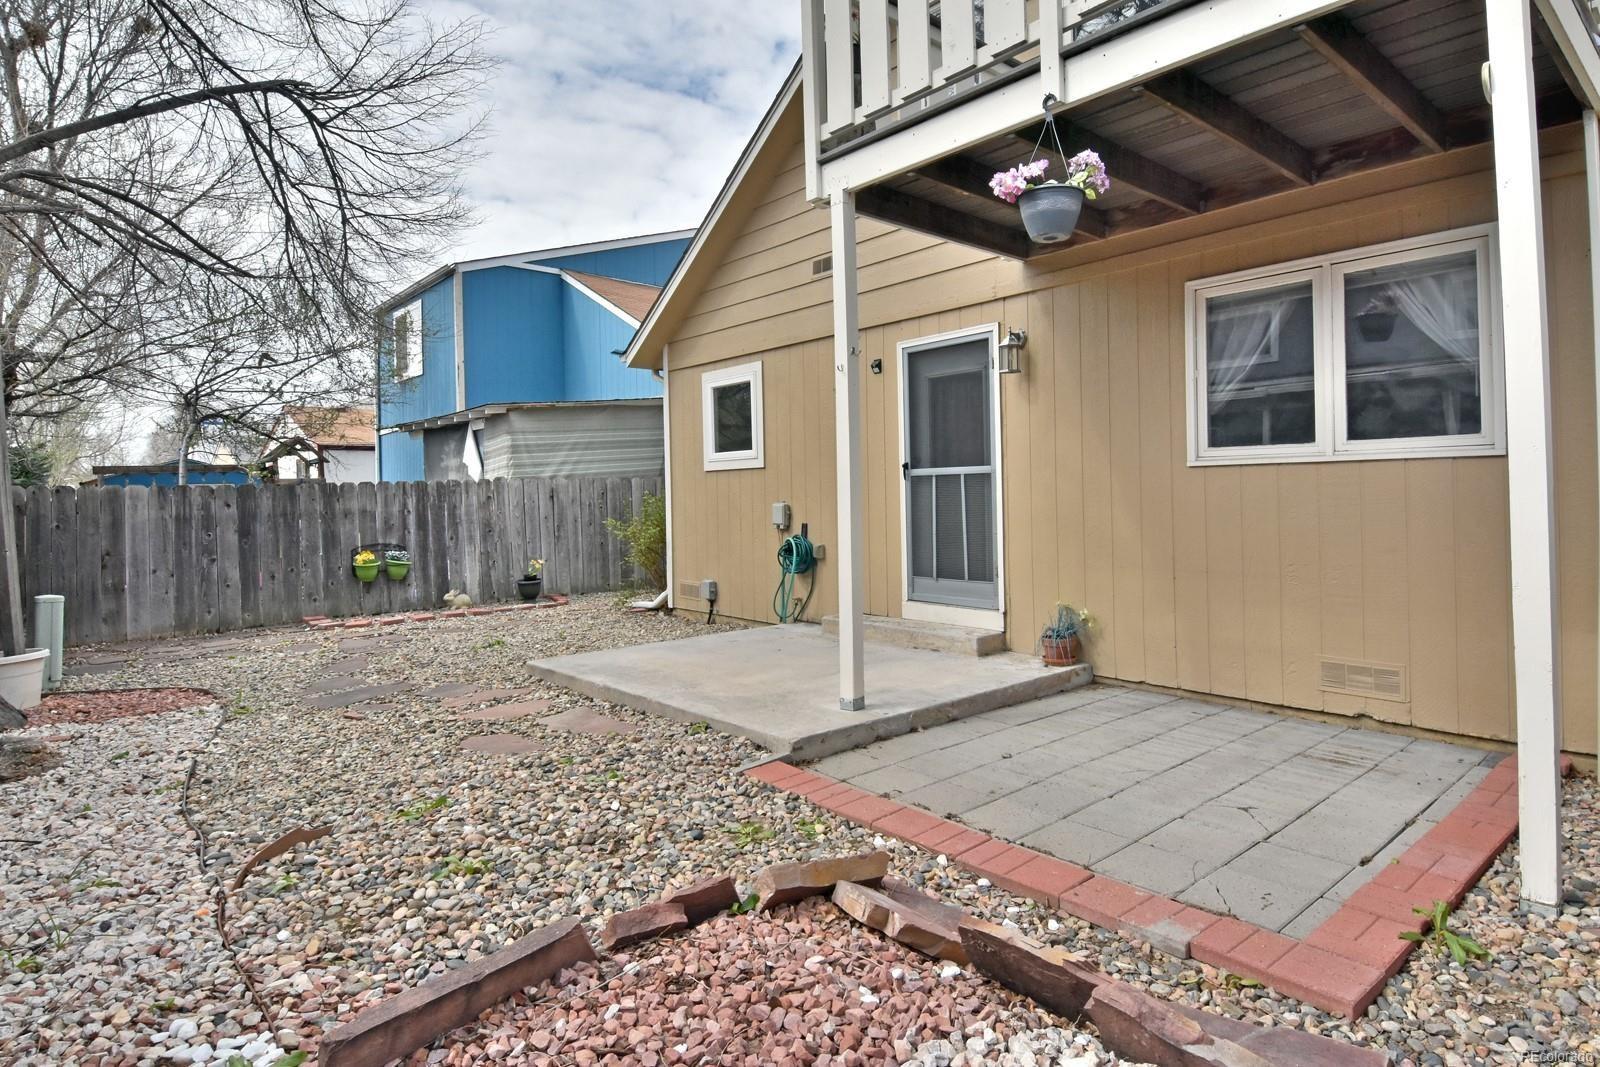 MLS# 2362546 - 1 - 1340  Emery Street, Longmont, CO 80501